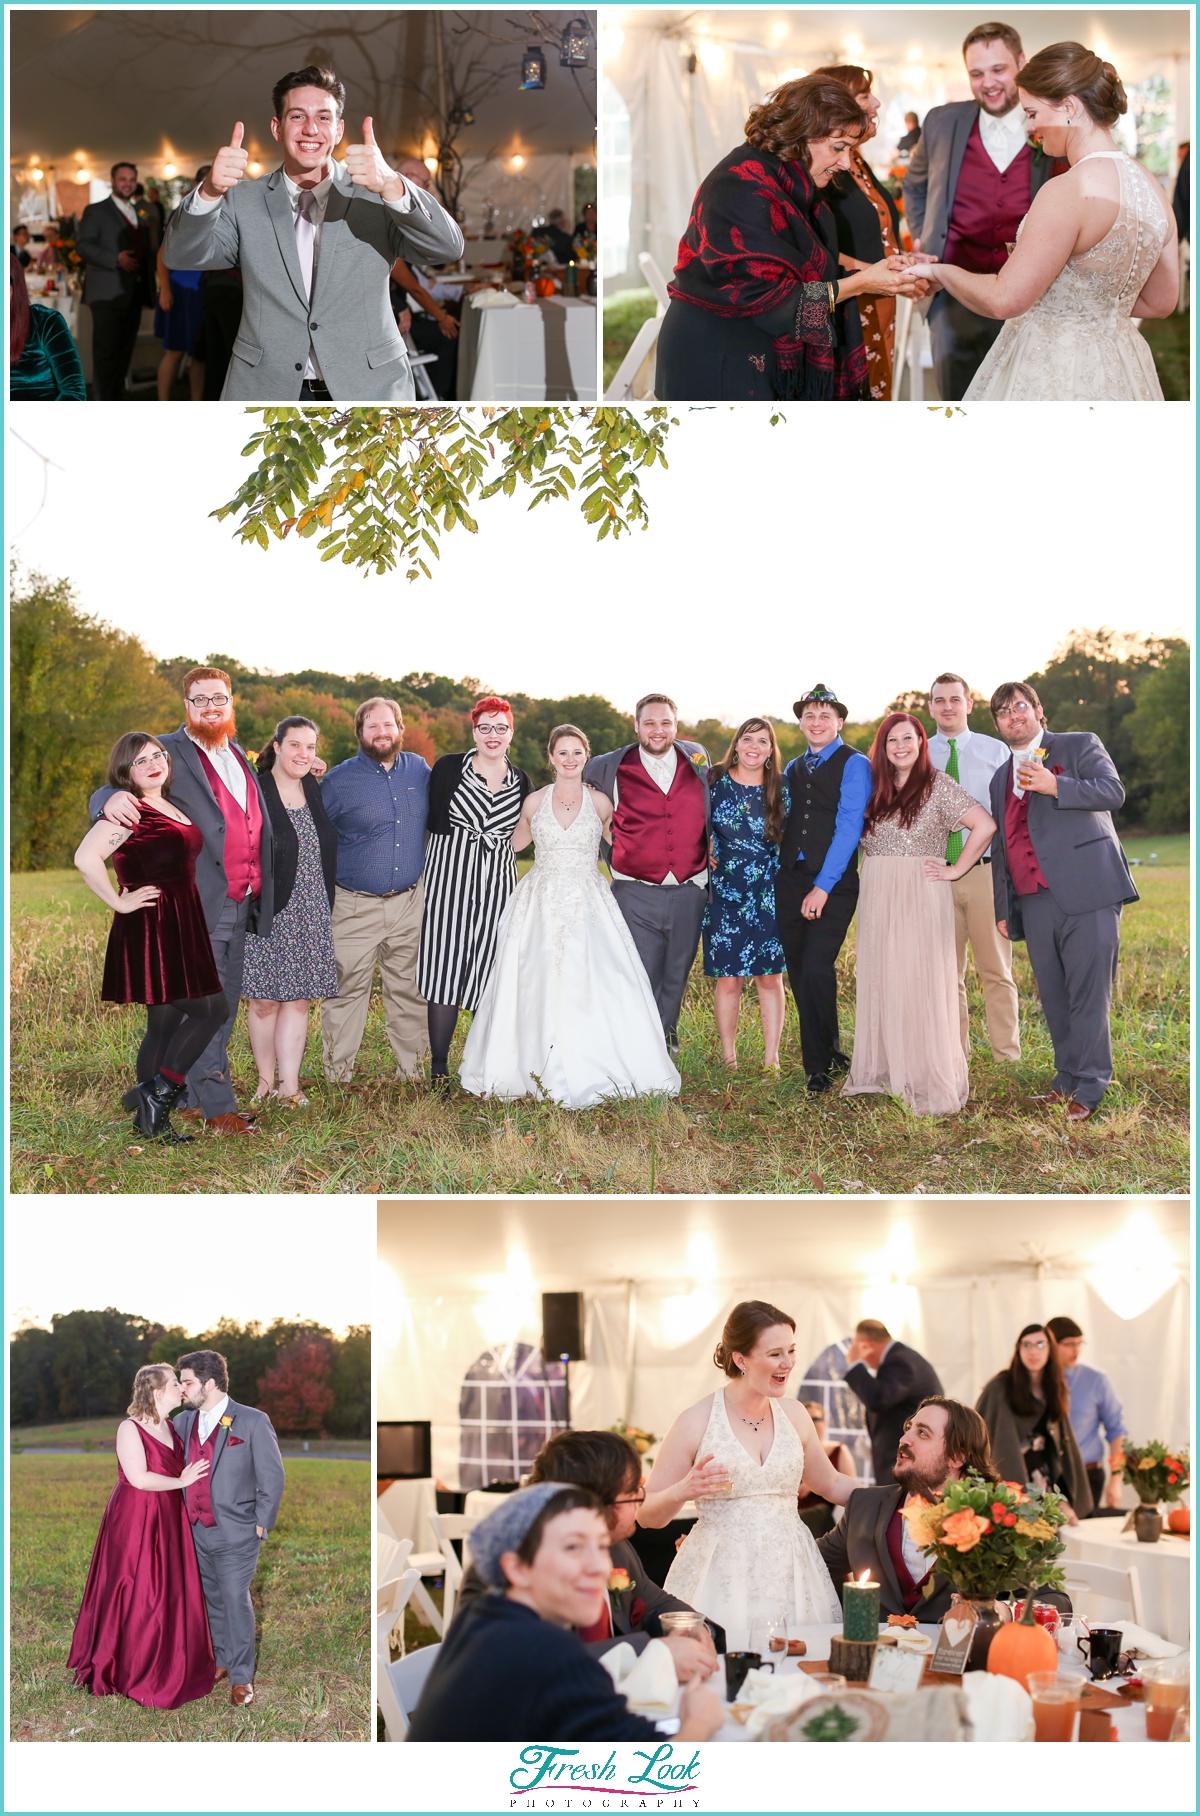 fun photos at wedding reception